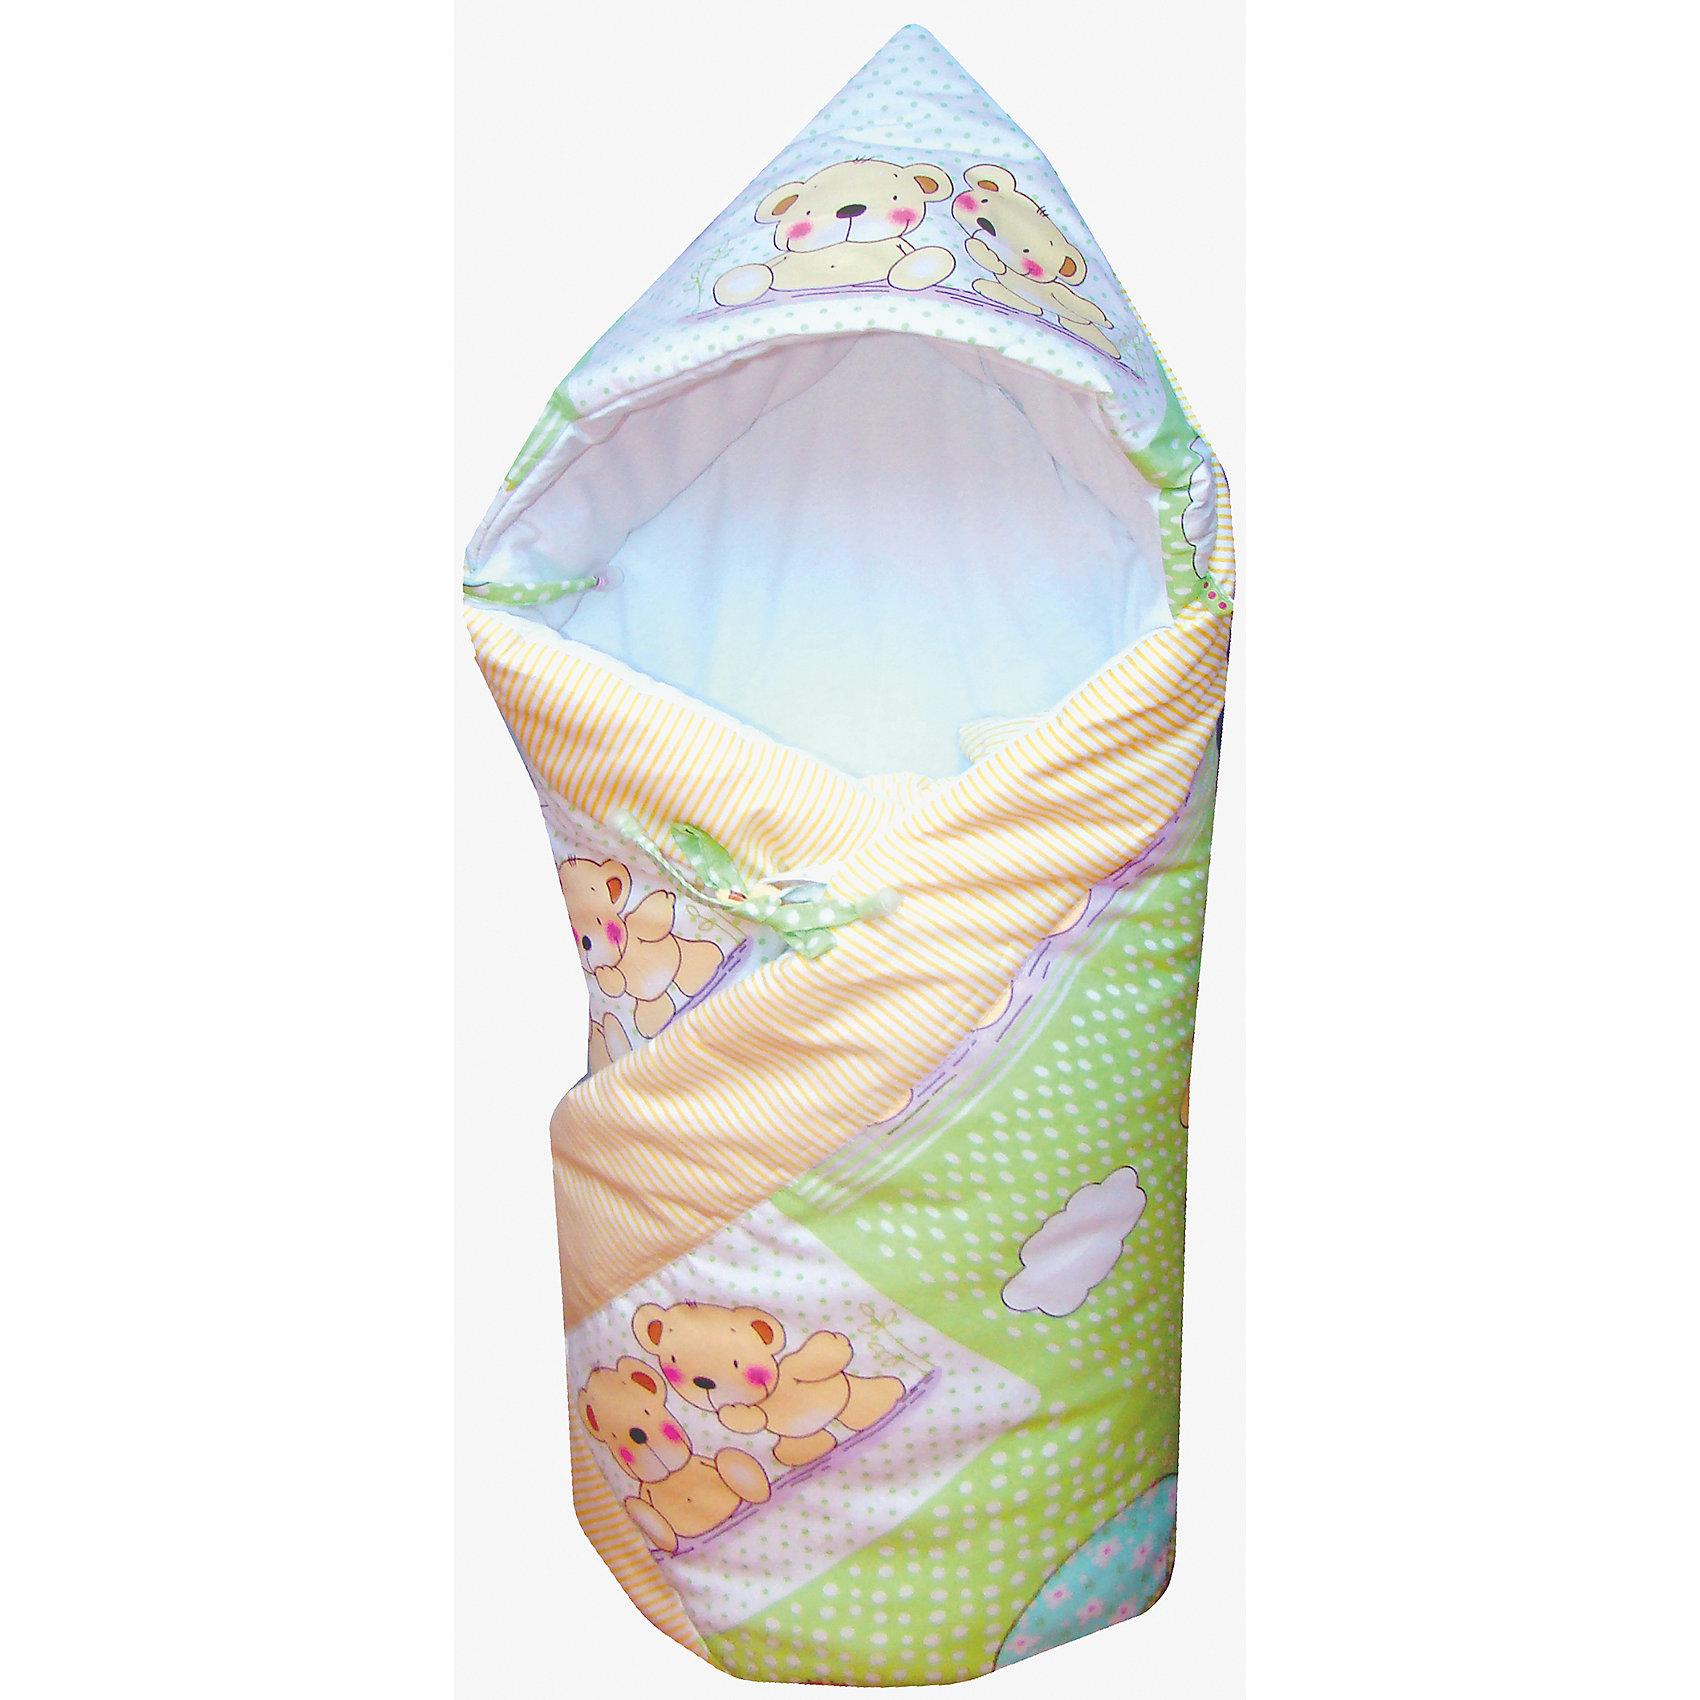 Демисезонный конверт-одеяло CuteWrap Объятия, СуперМаМкетКонверт-одеяло также может быть использовано, как яркий коврик для игр малыша! <br>РАЗМЕР: 100*100<br><br>Ткань: верх 100% хлопок<br><br>Весна-осень: <br>Внутри синтепон 150гр, подкладка - флис<br><br>Конверт-одеяло CuteWrap Объятия, СуперМаМкет можно купить в нашем магазине.<br><br>Ширина мм: 100<br>Глубина мм: 100<br>Высота мм: 50<br>Вес г: 600<br>Возраст от месяцев: 0<br>Возраст до месяцев: 6<br>Пол: Унисекс<br>Возраст: Детский<br>SKU: 4580614